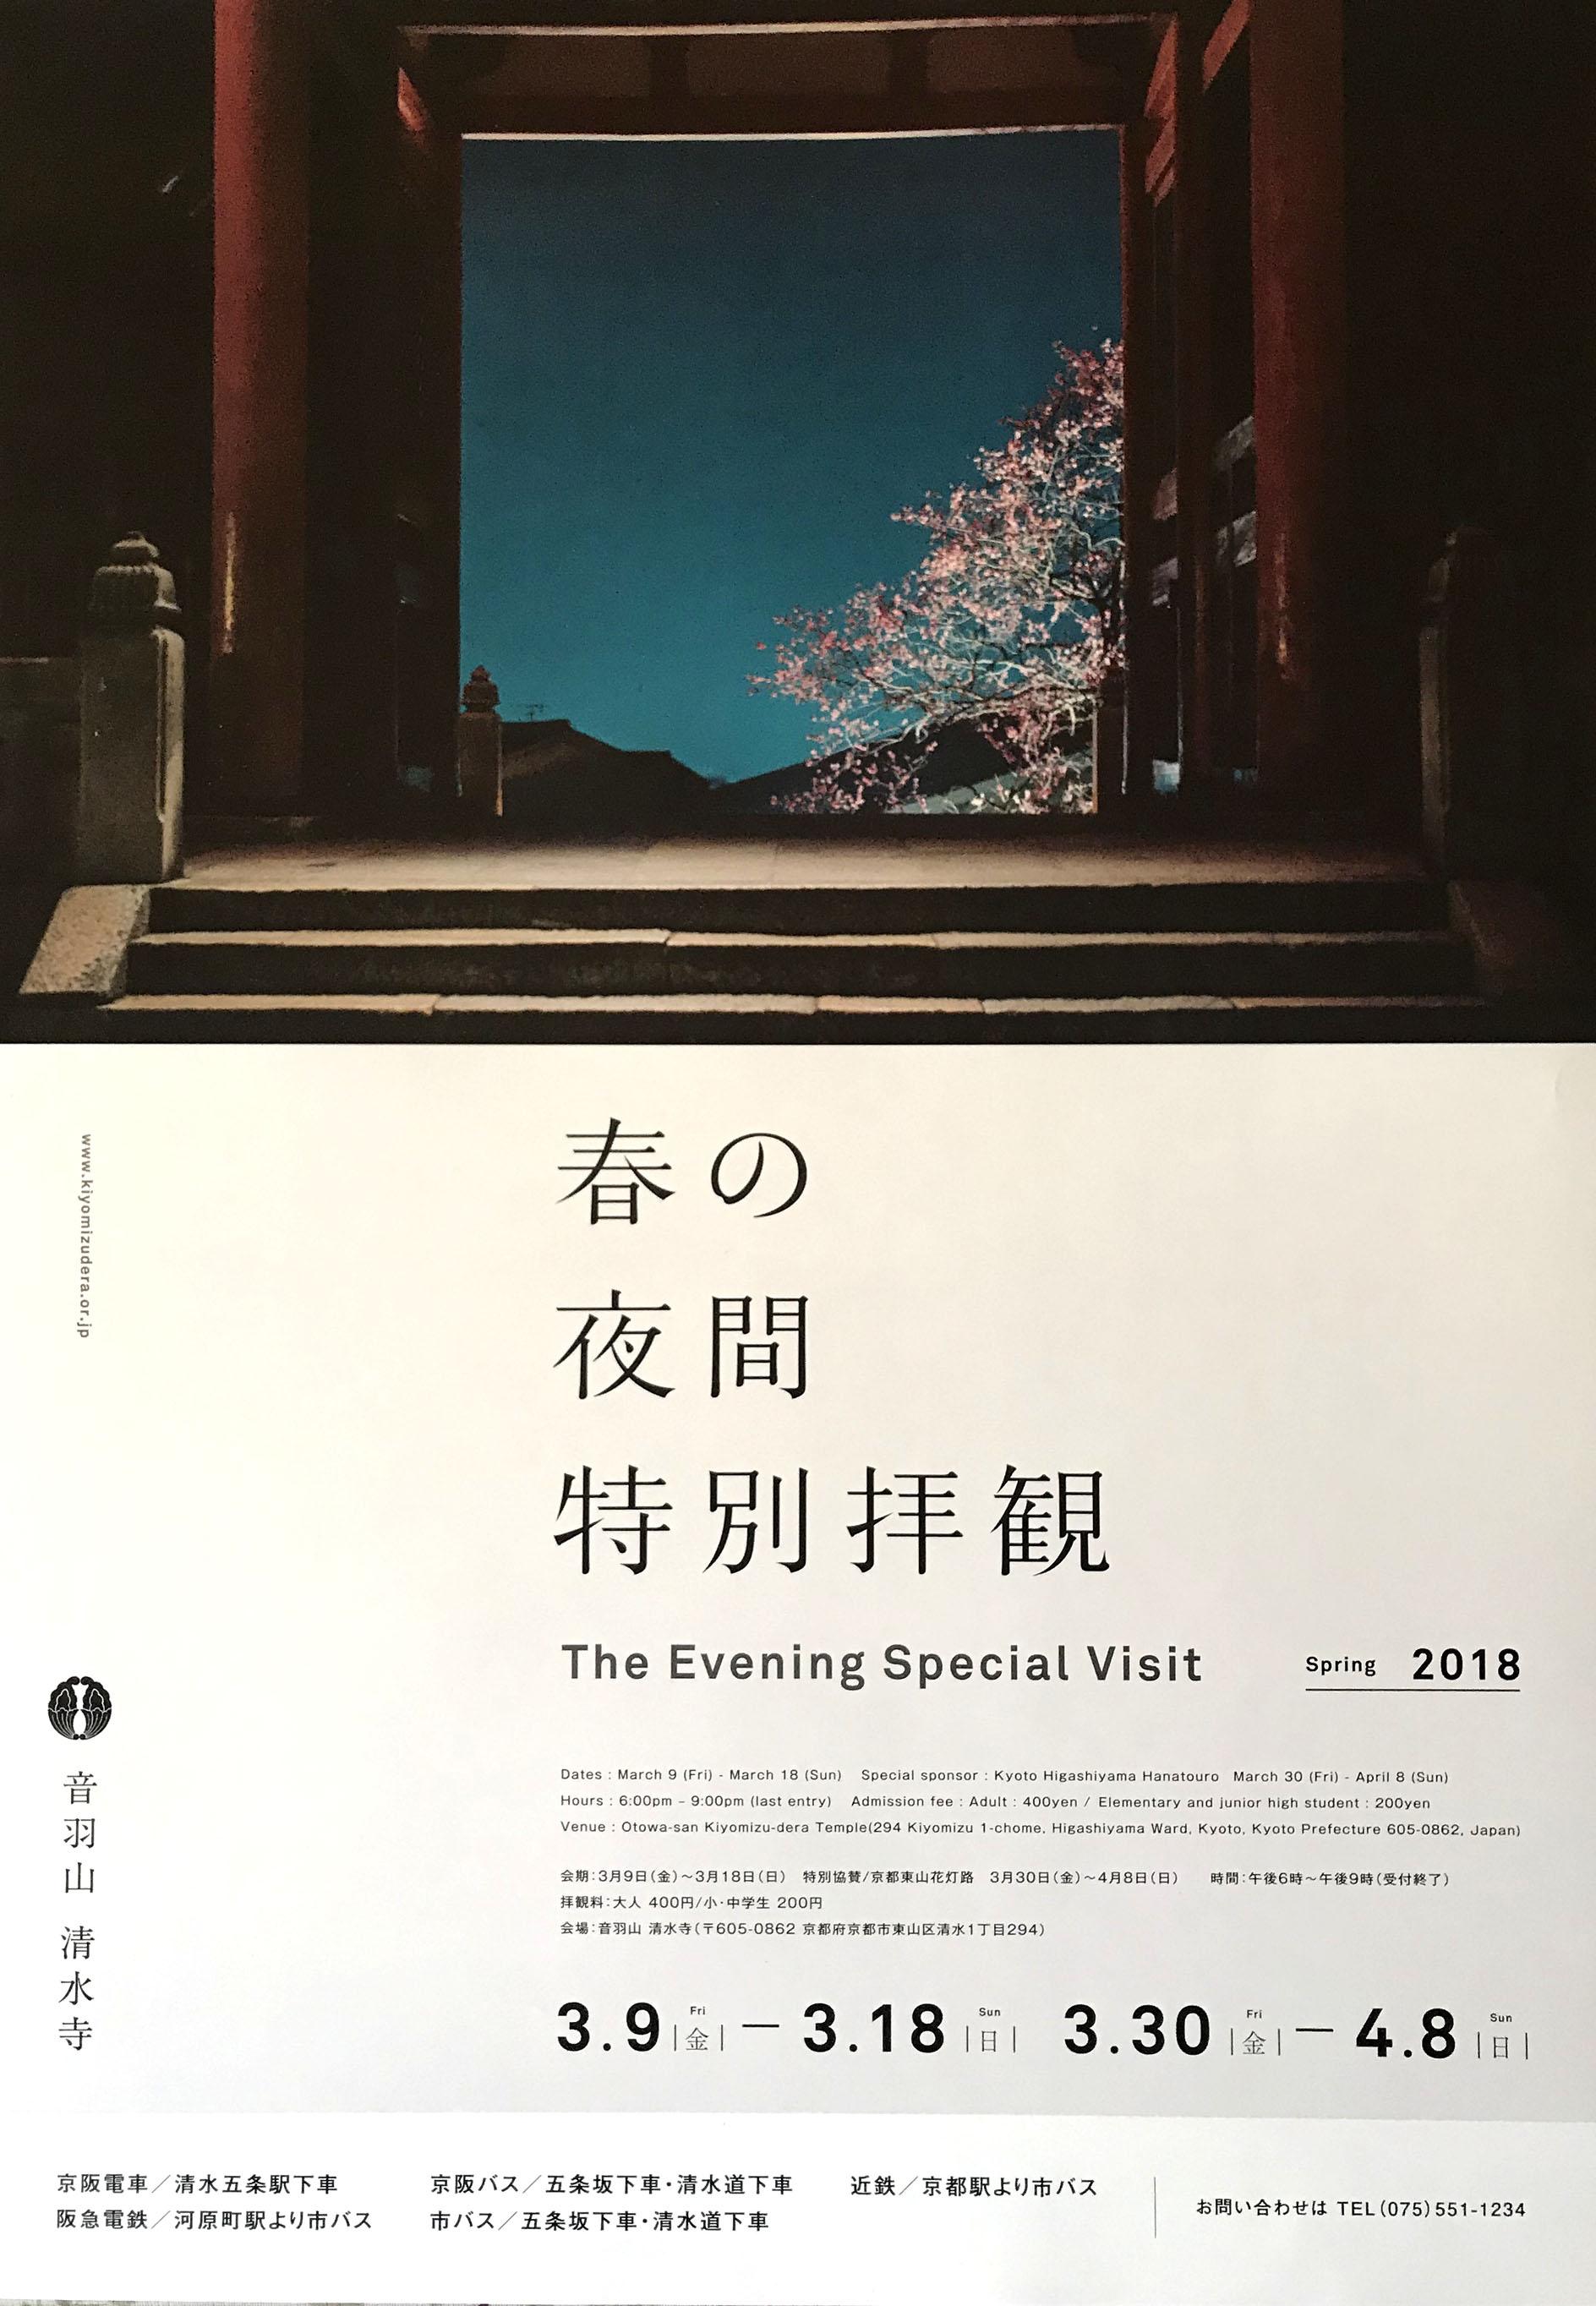 2018年春 清水寺夜間特別拝観ポスター